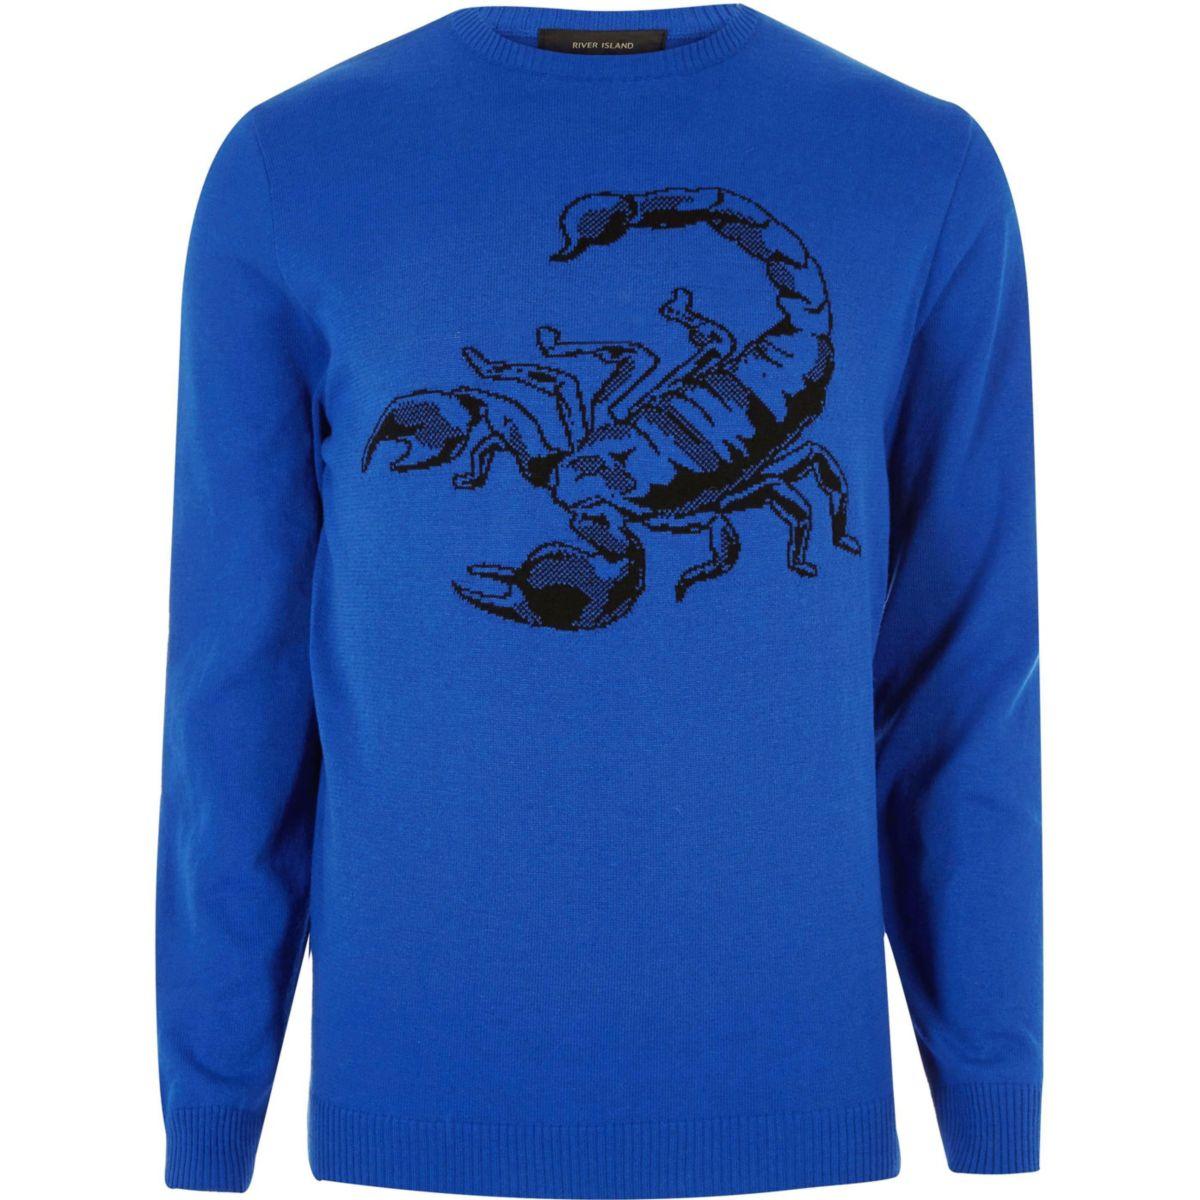 Big and Tall - Blauwe gebreide pullover met schorpioen